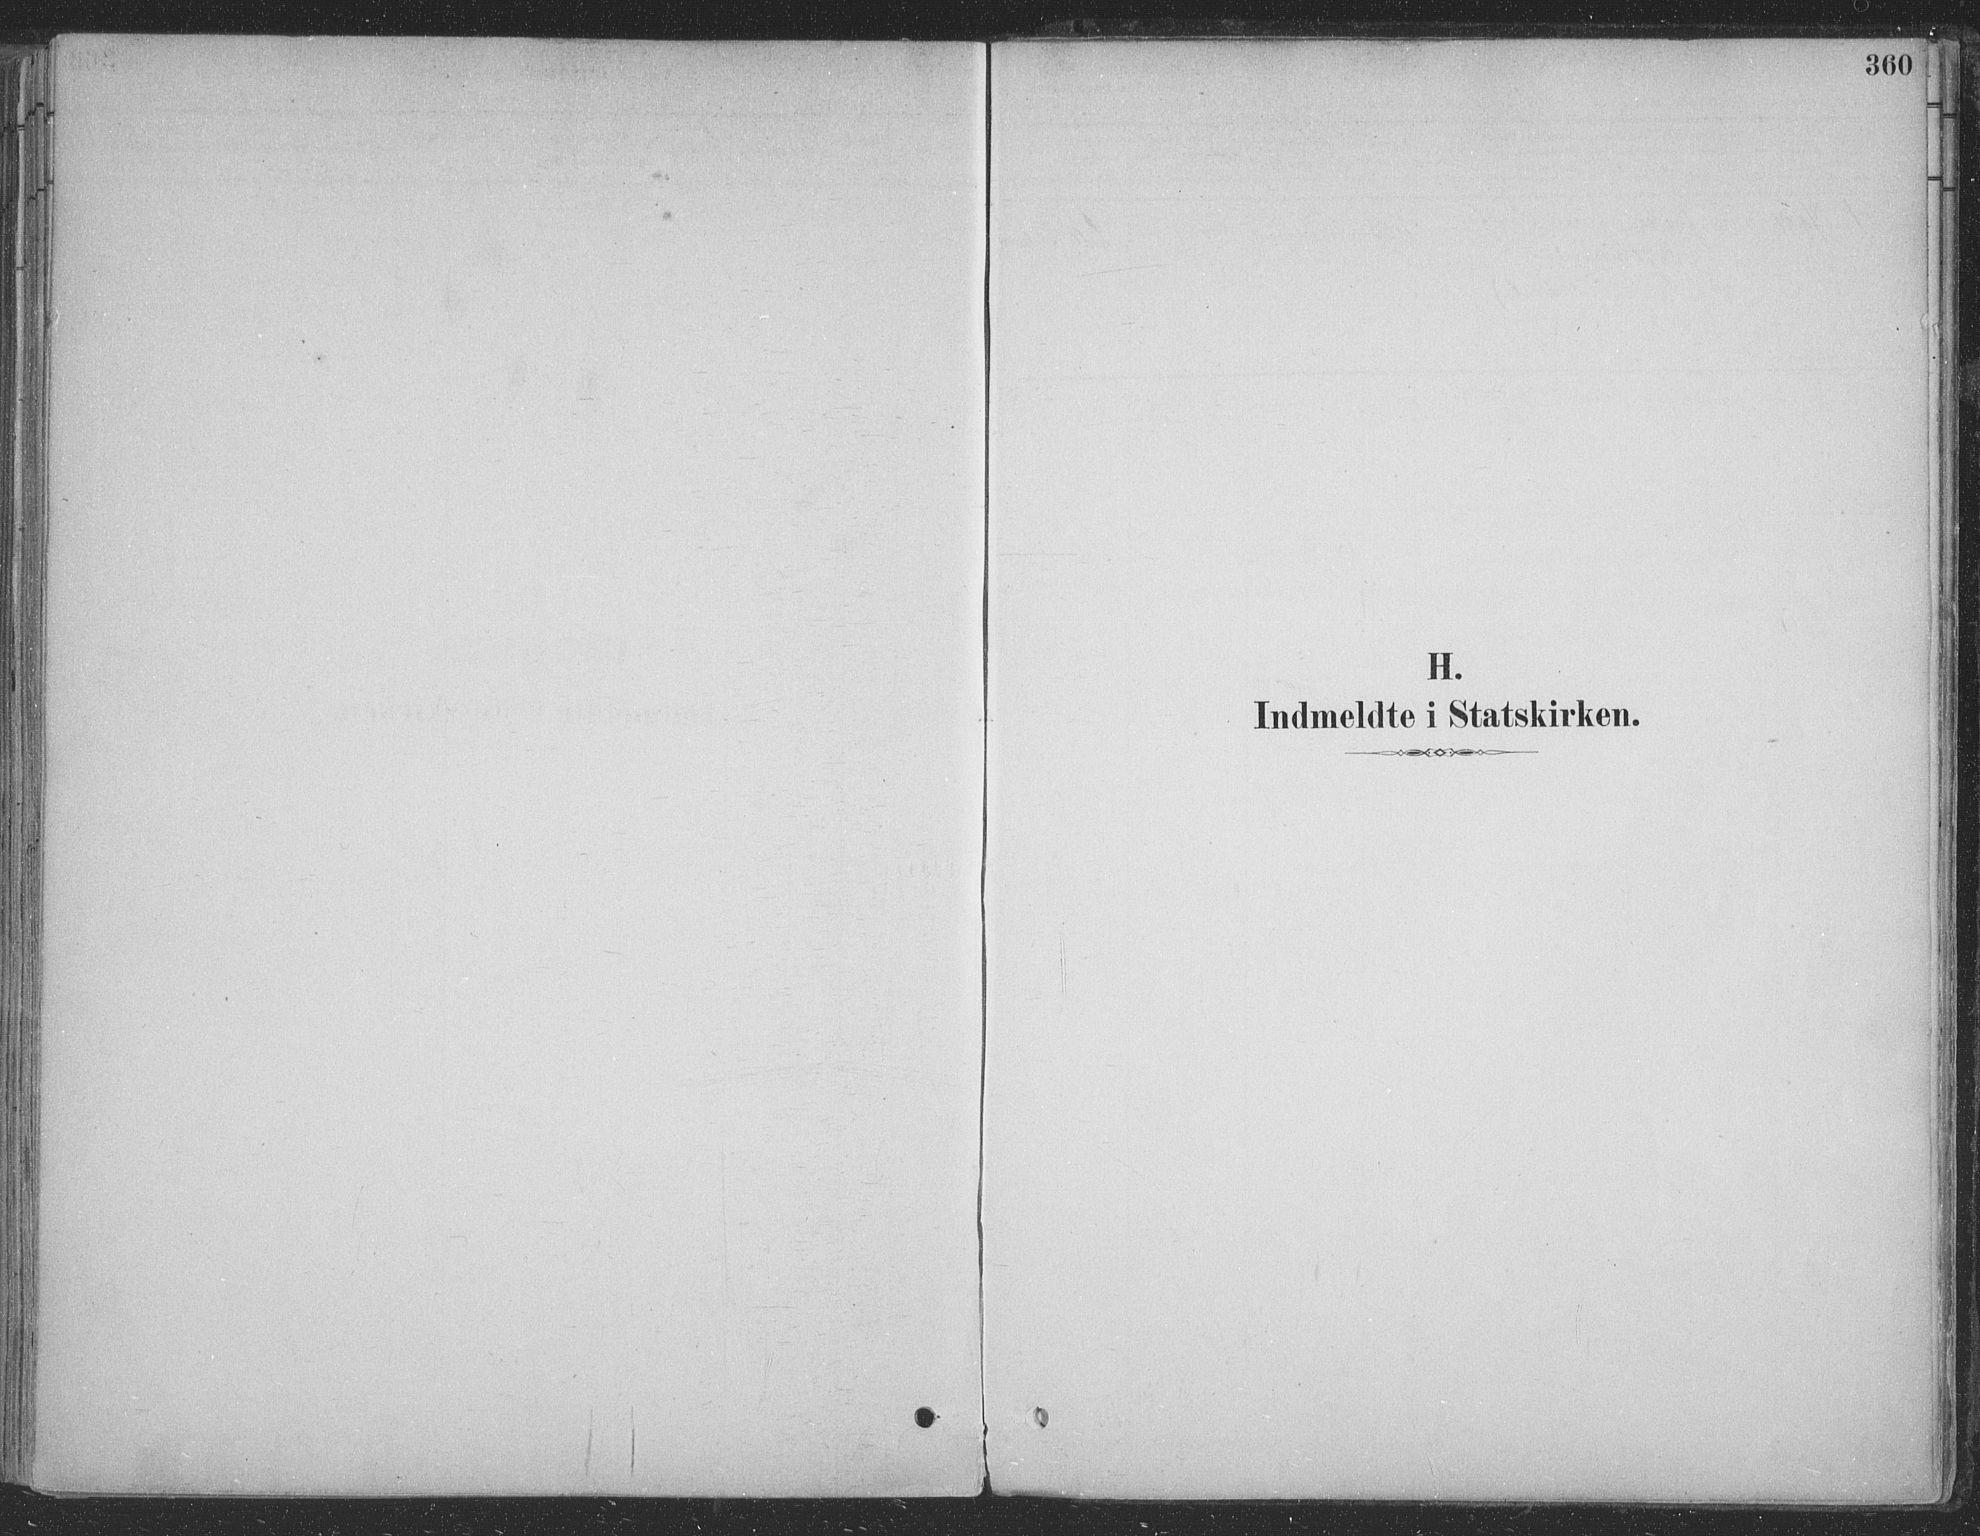 SATØ, Vadsø sokneprestkontor, H/Ha/L0009kirke: Parish register (official) no. 9, 1881-1917, p. 360